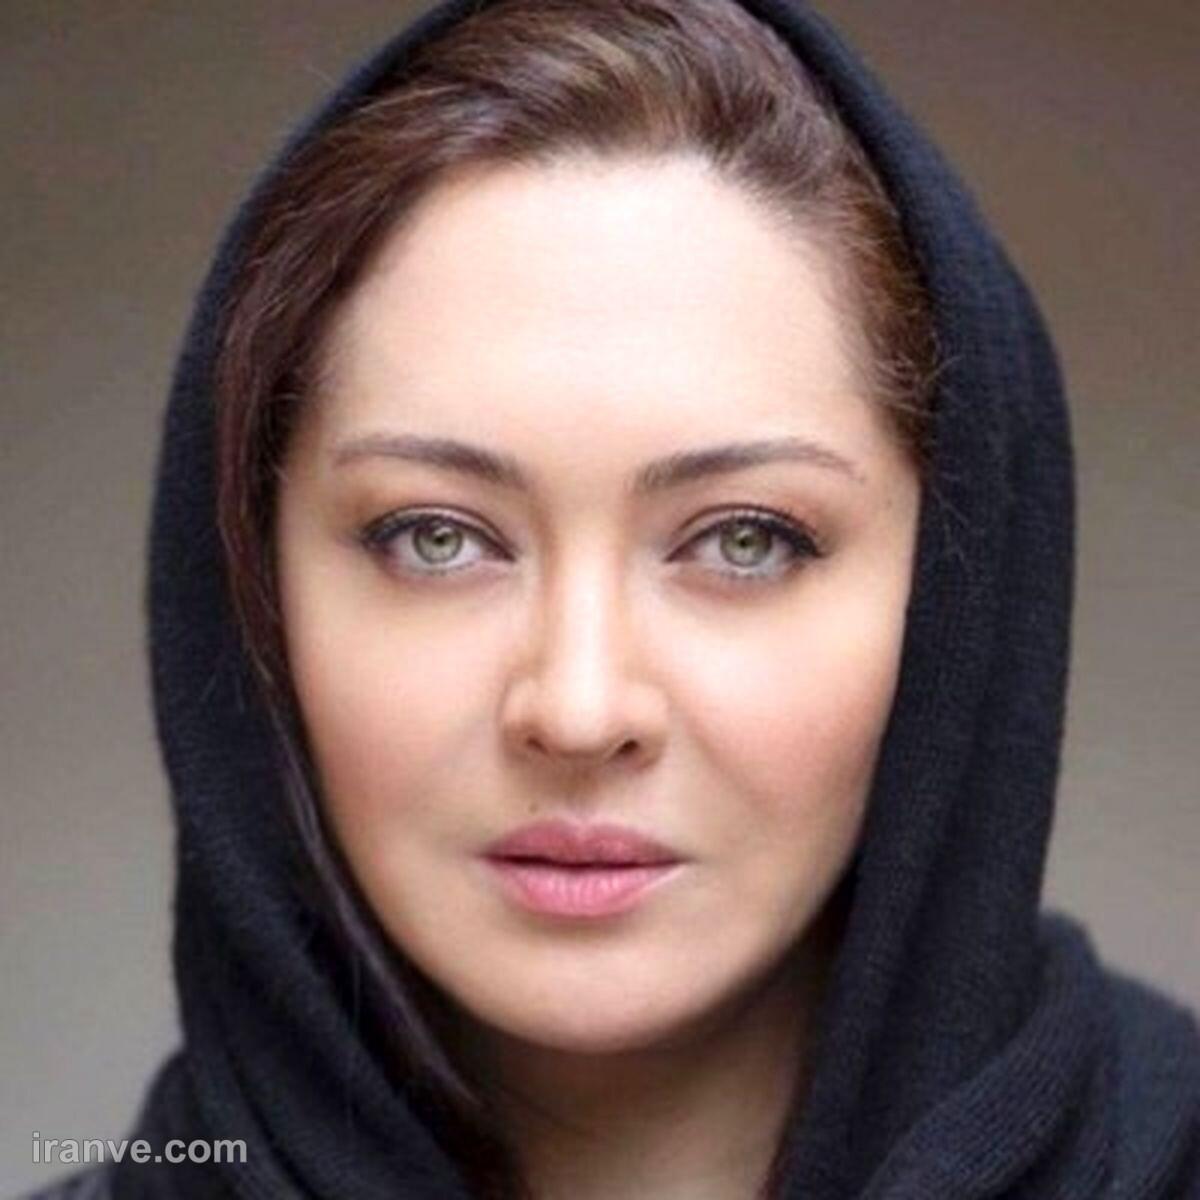 نیکی کریمی در آغوش دو بازیگر خوشتیپ ایرانی